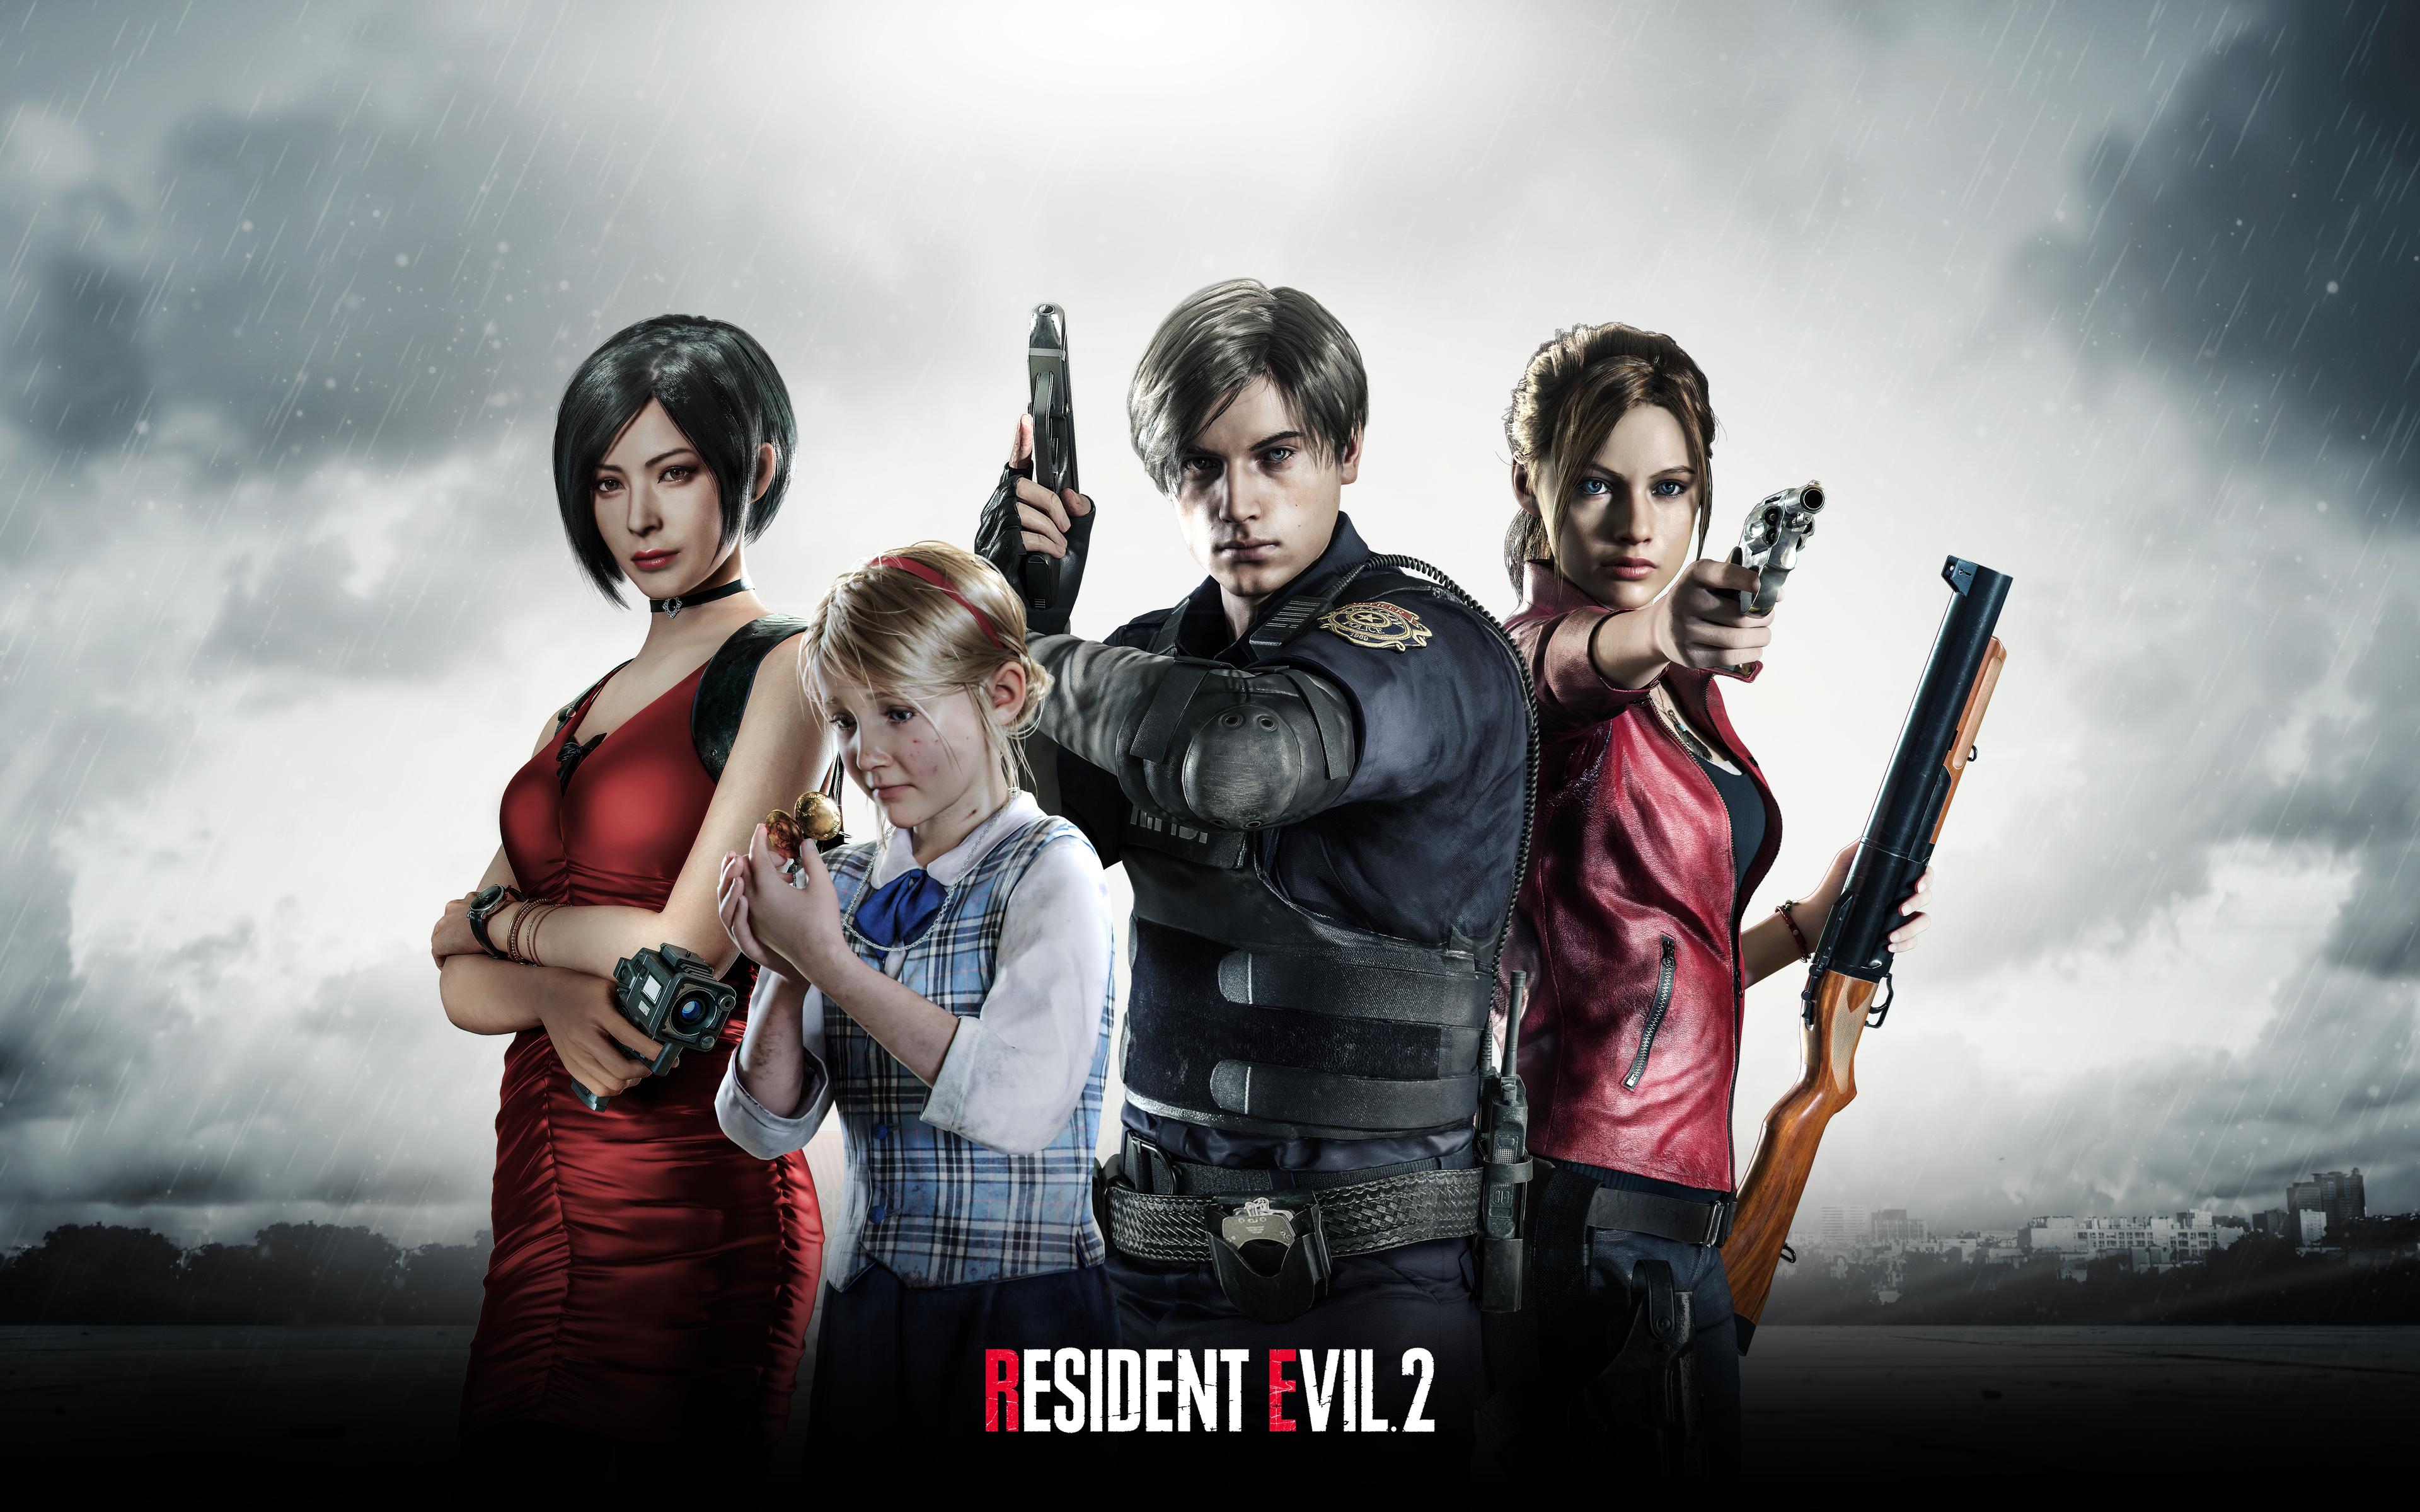 Resident Evil 2 4k Poster 2019 Games Artwork Creative